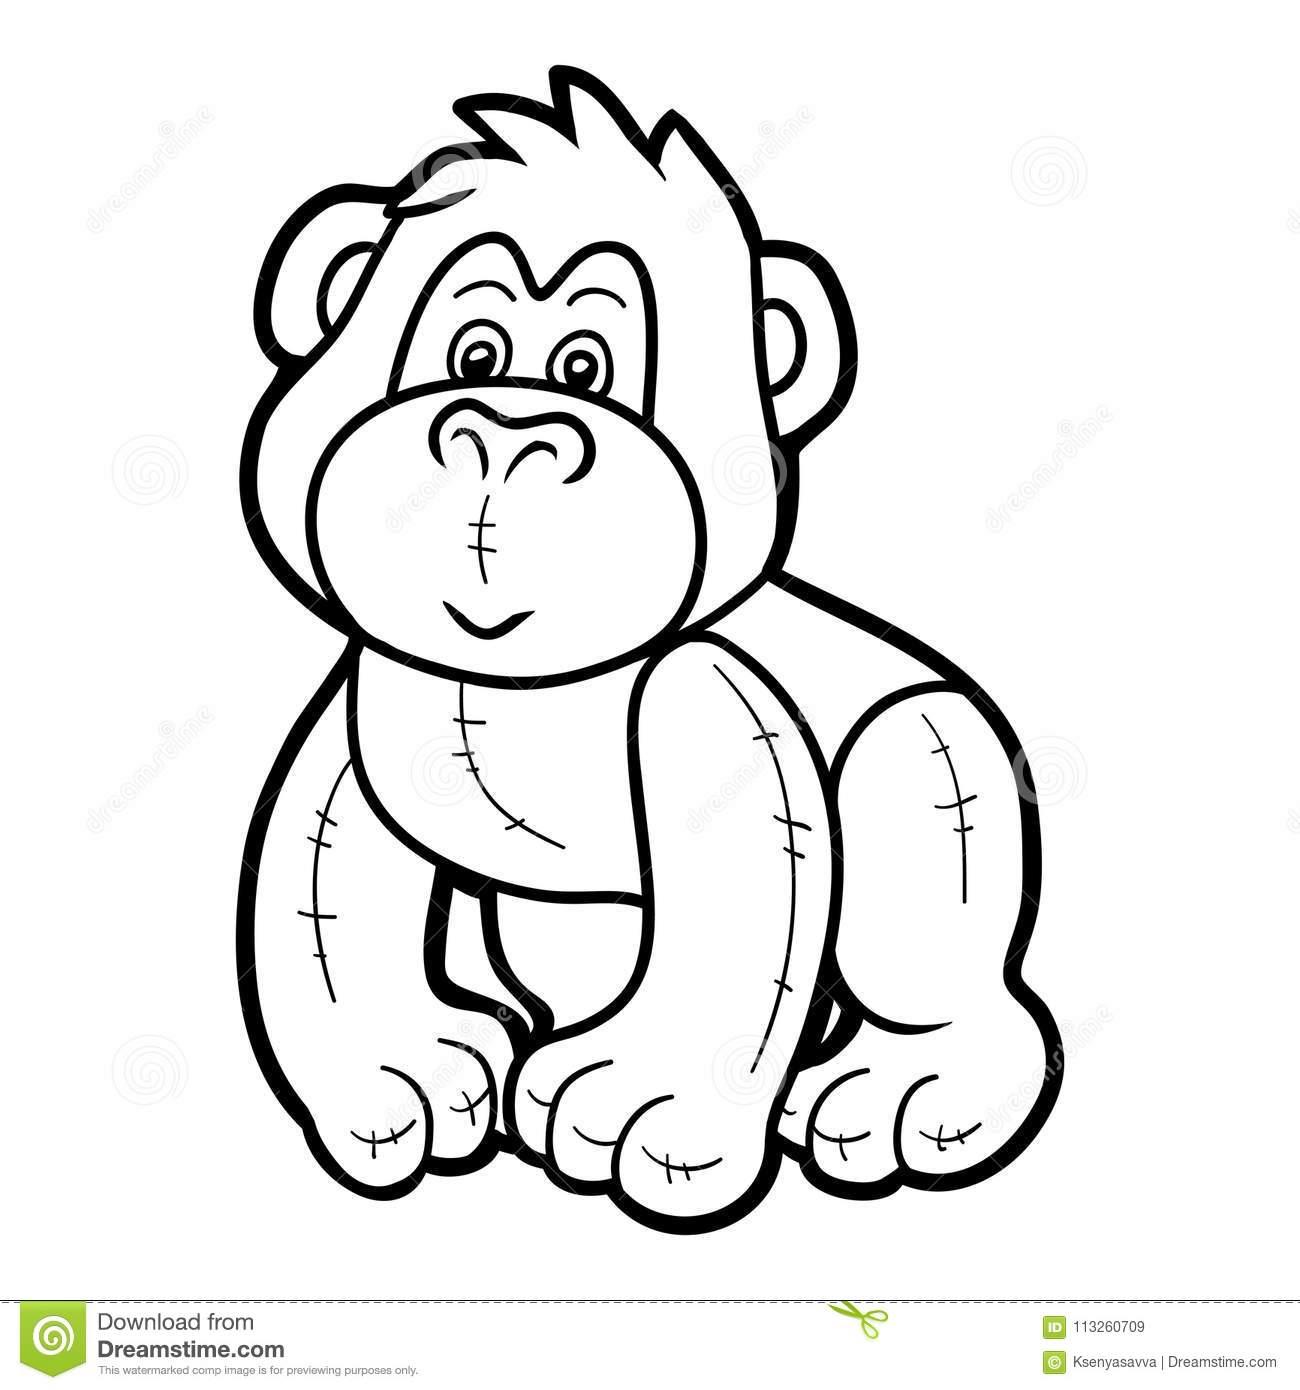 Livre De Coloriage, Gorille Bourré De Jouet Illustration De à Coloriage Gorille